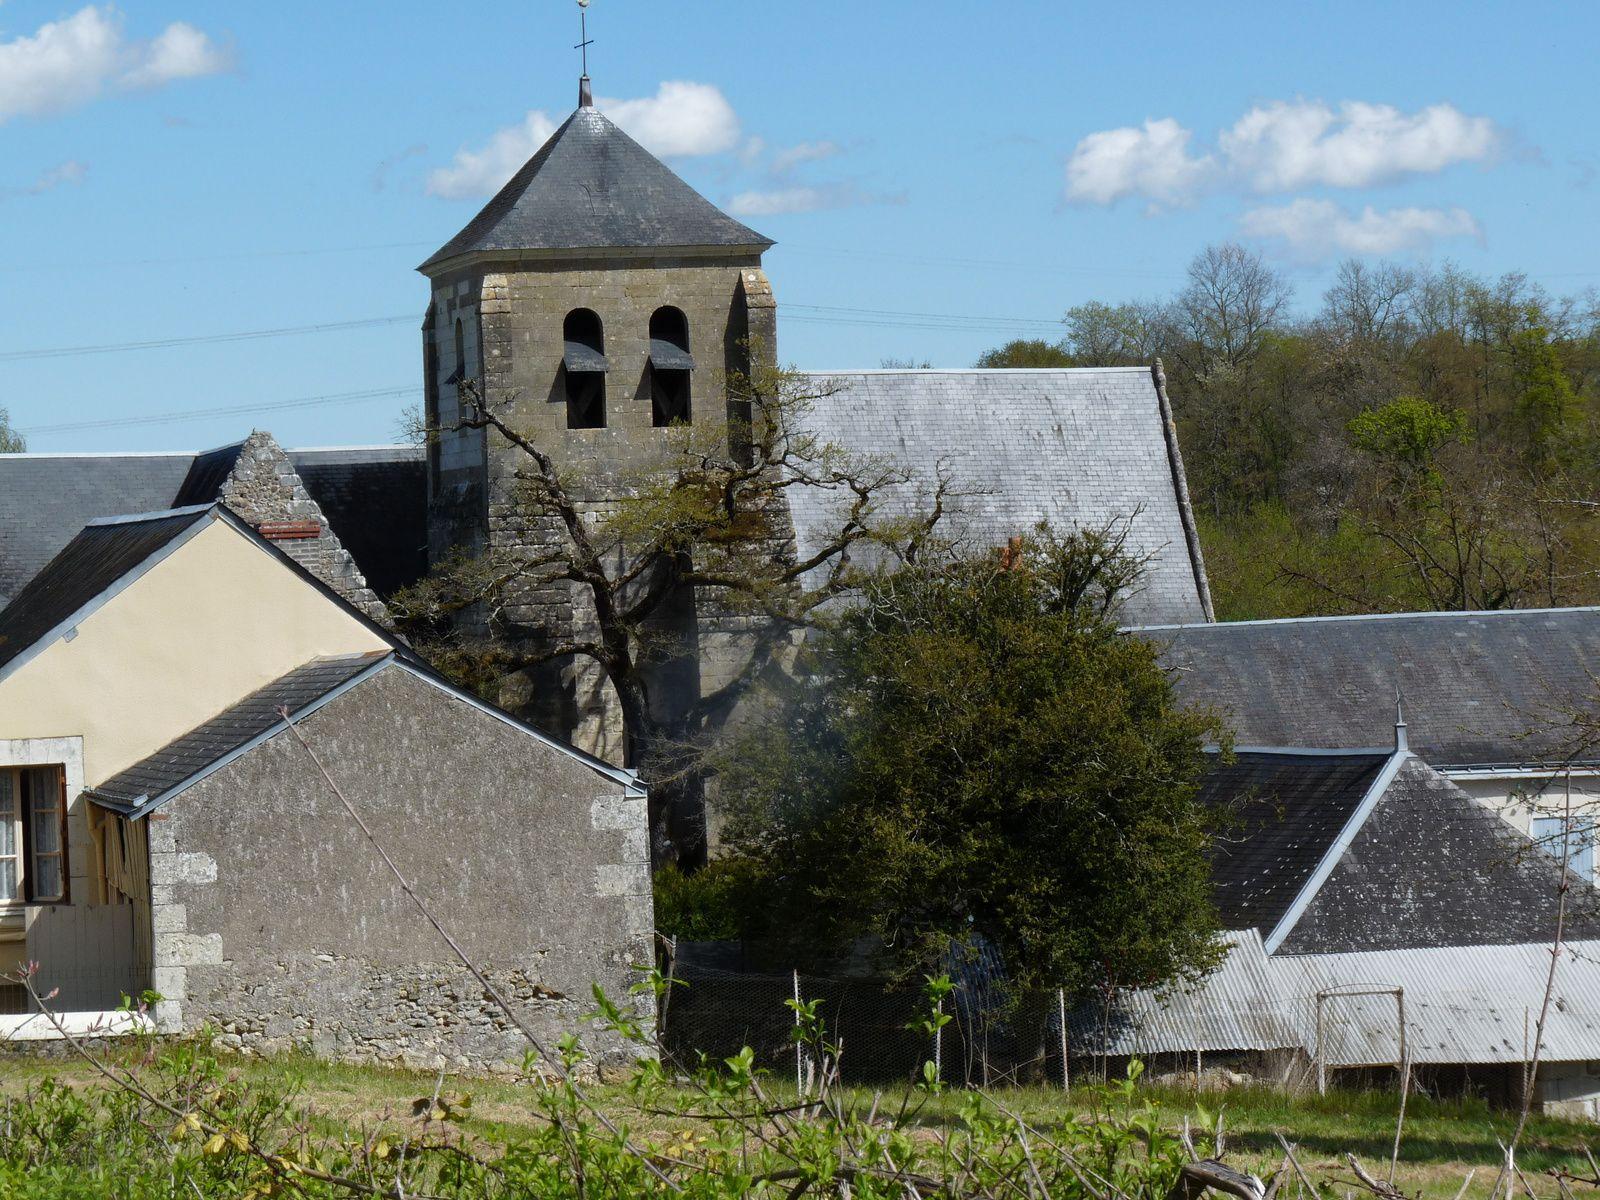 Demande de classement comme arbre remarquable pour le Chêne de l'église de Cheille.(37)